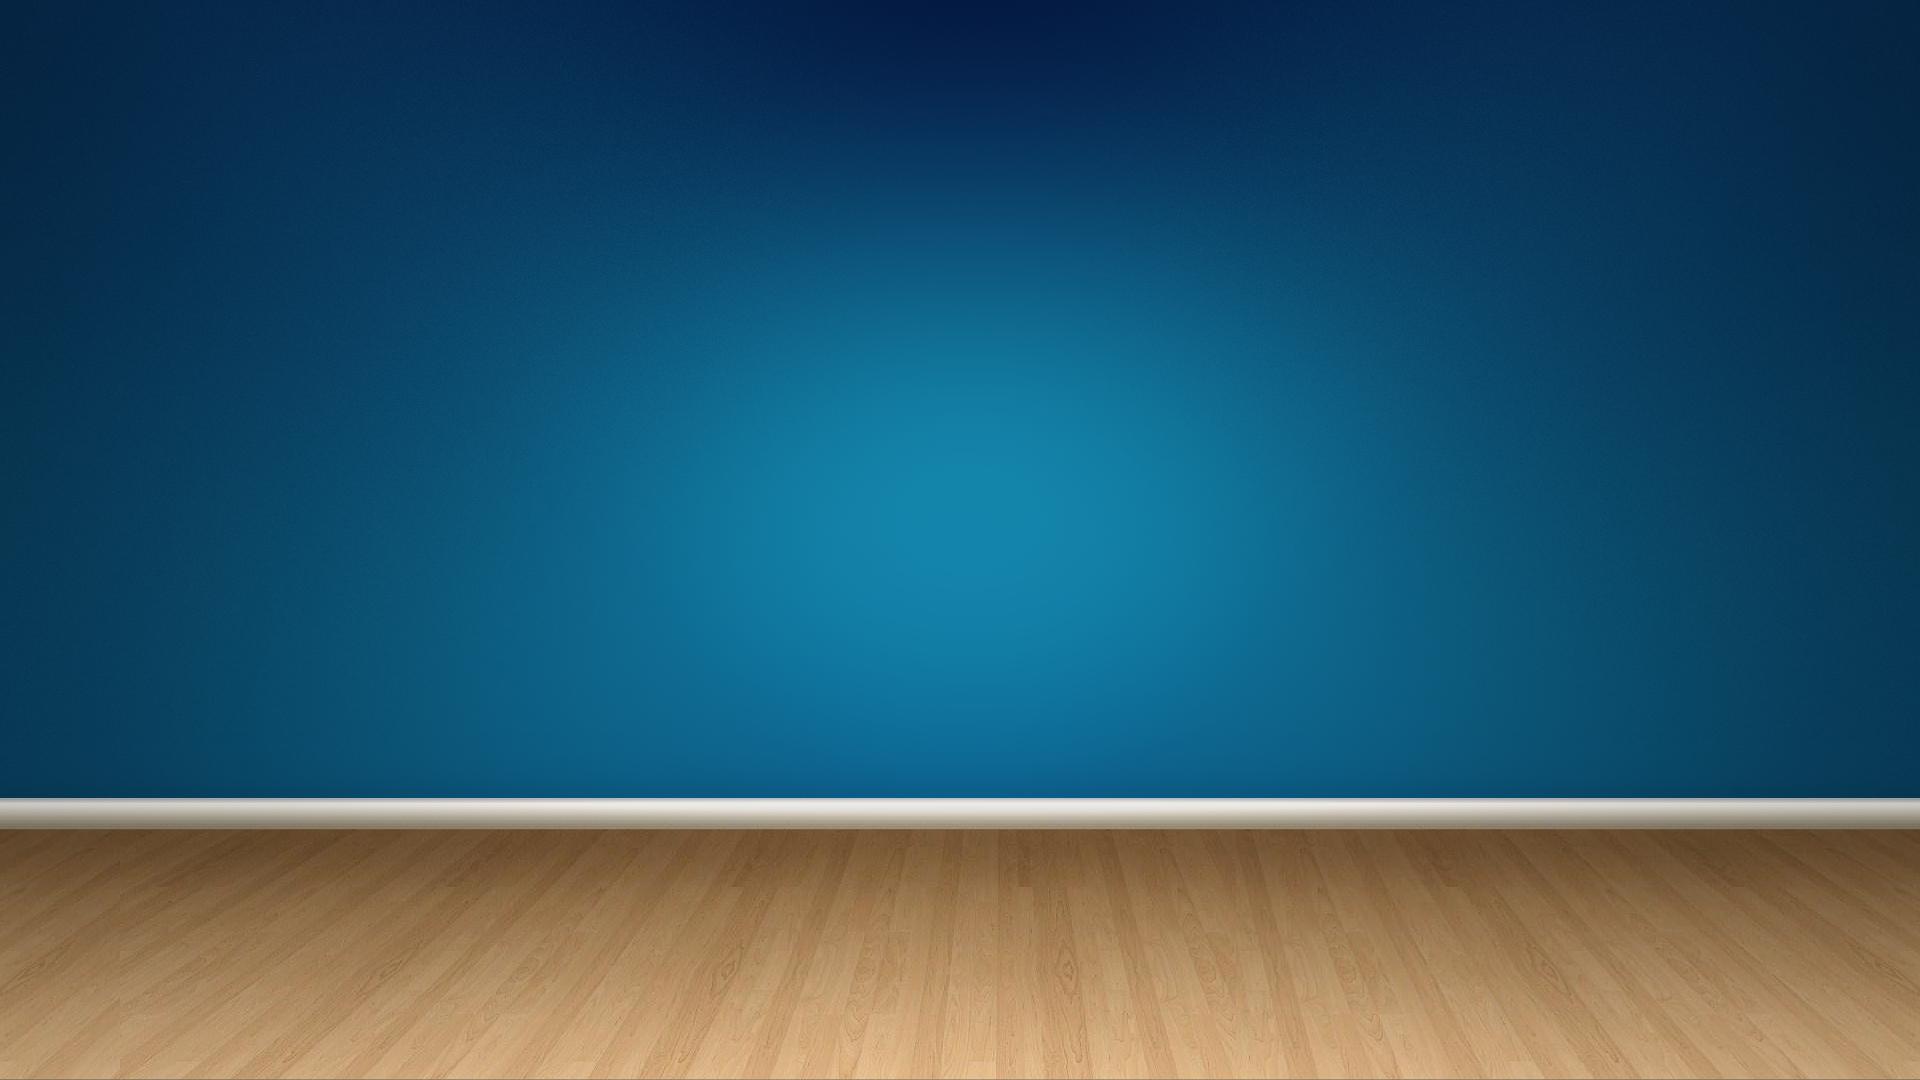 Floor PNG HD - 126090